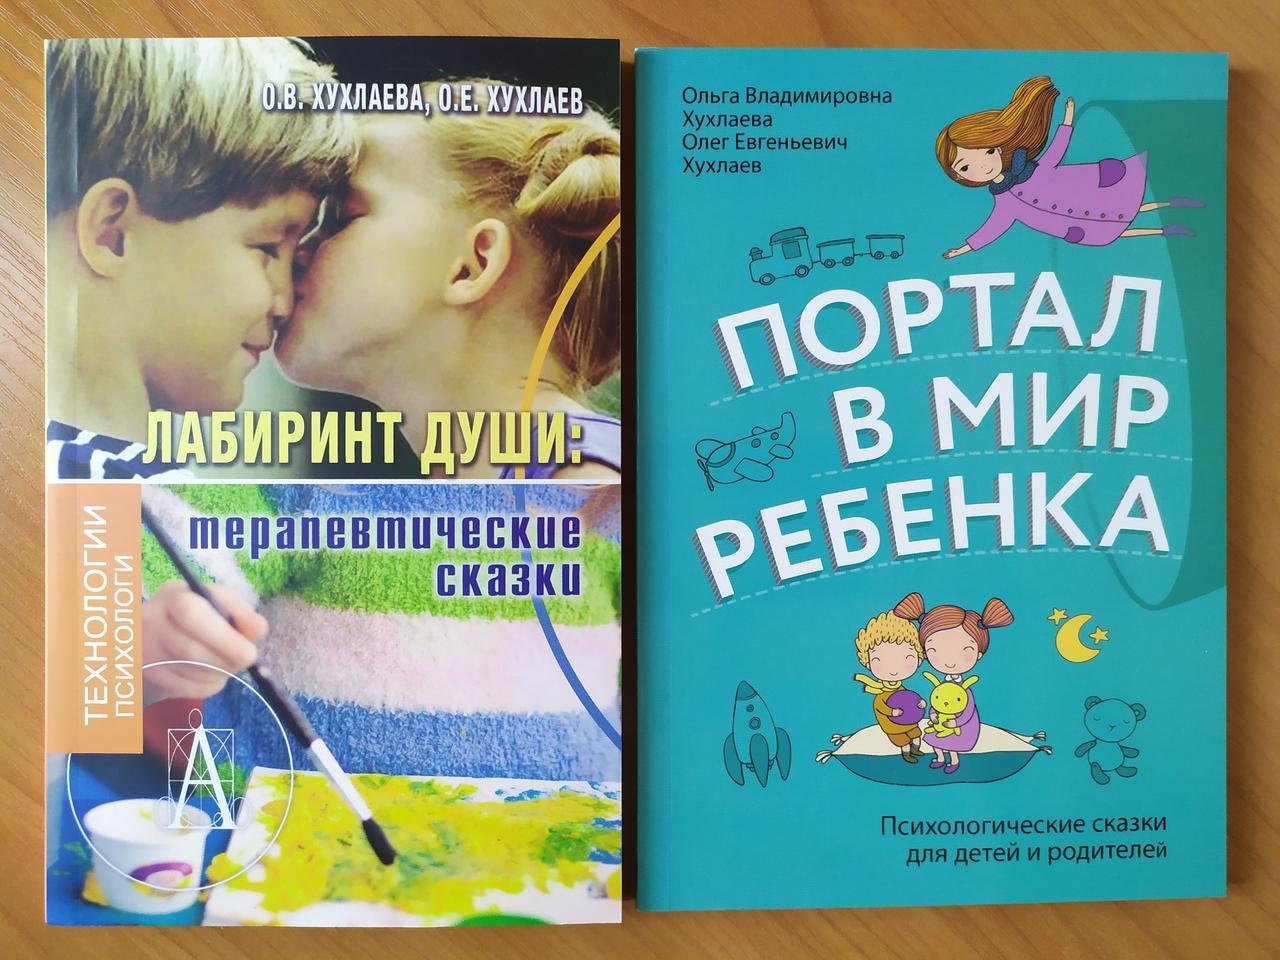 Хухлаева О.В., Хухлаев О.Е. Комплект книг. Лабиринт души. Портал в мир ребёнка